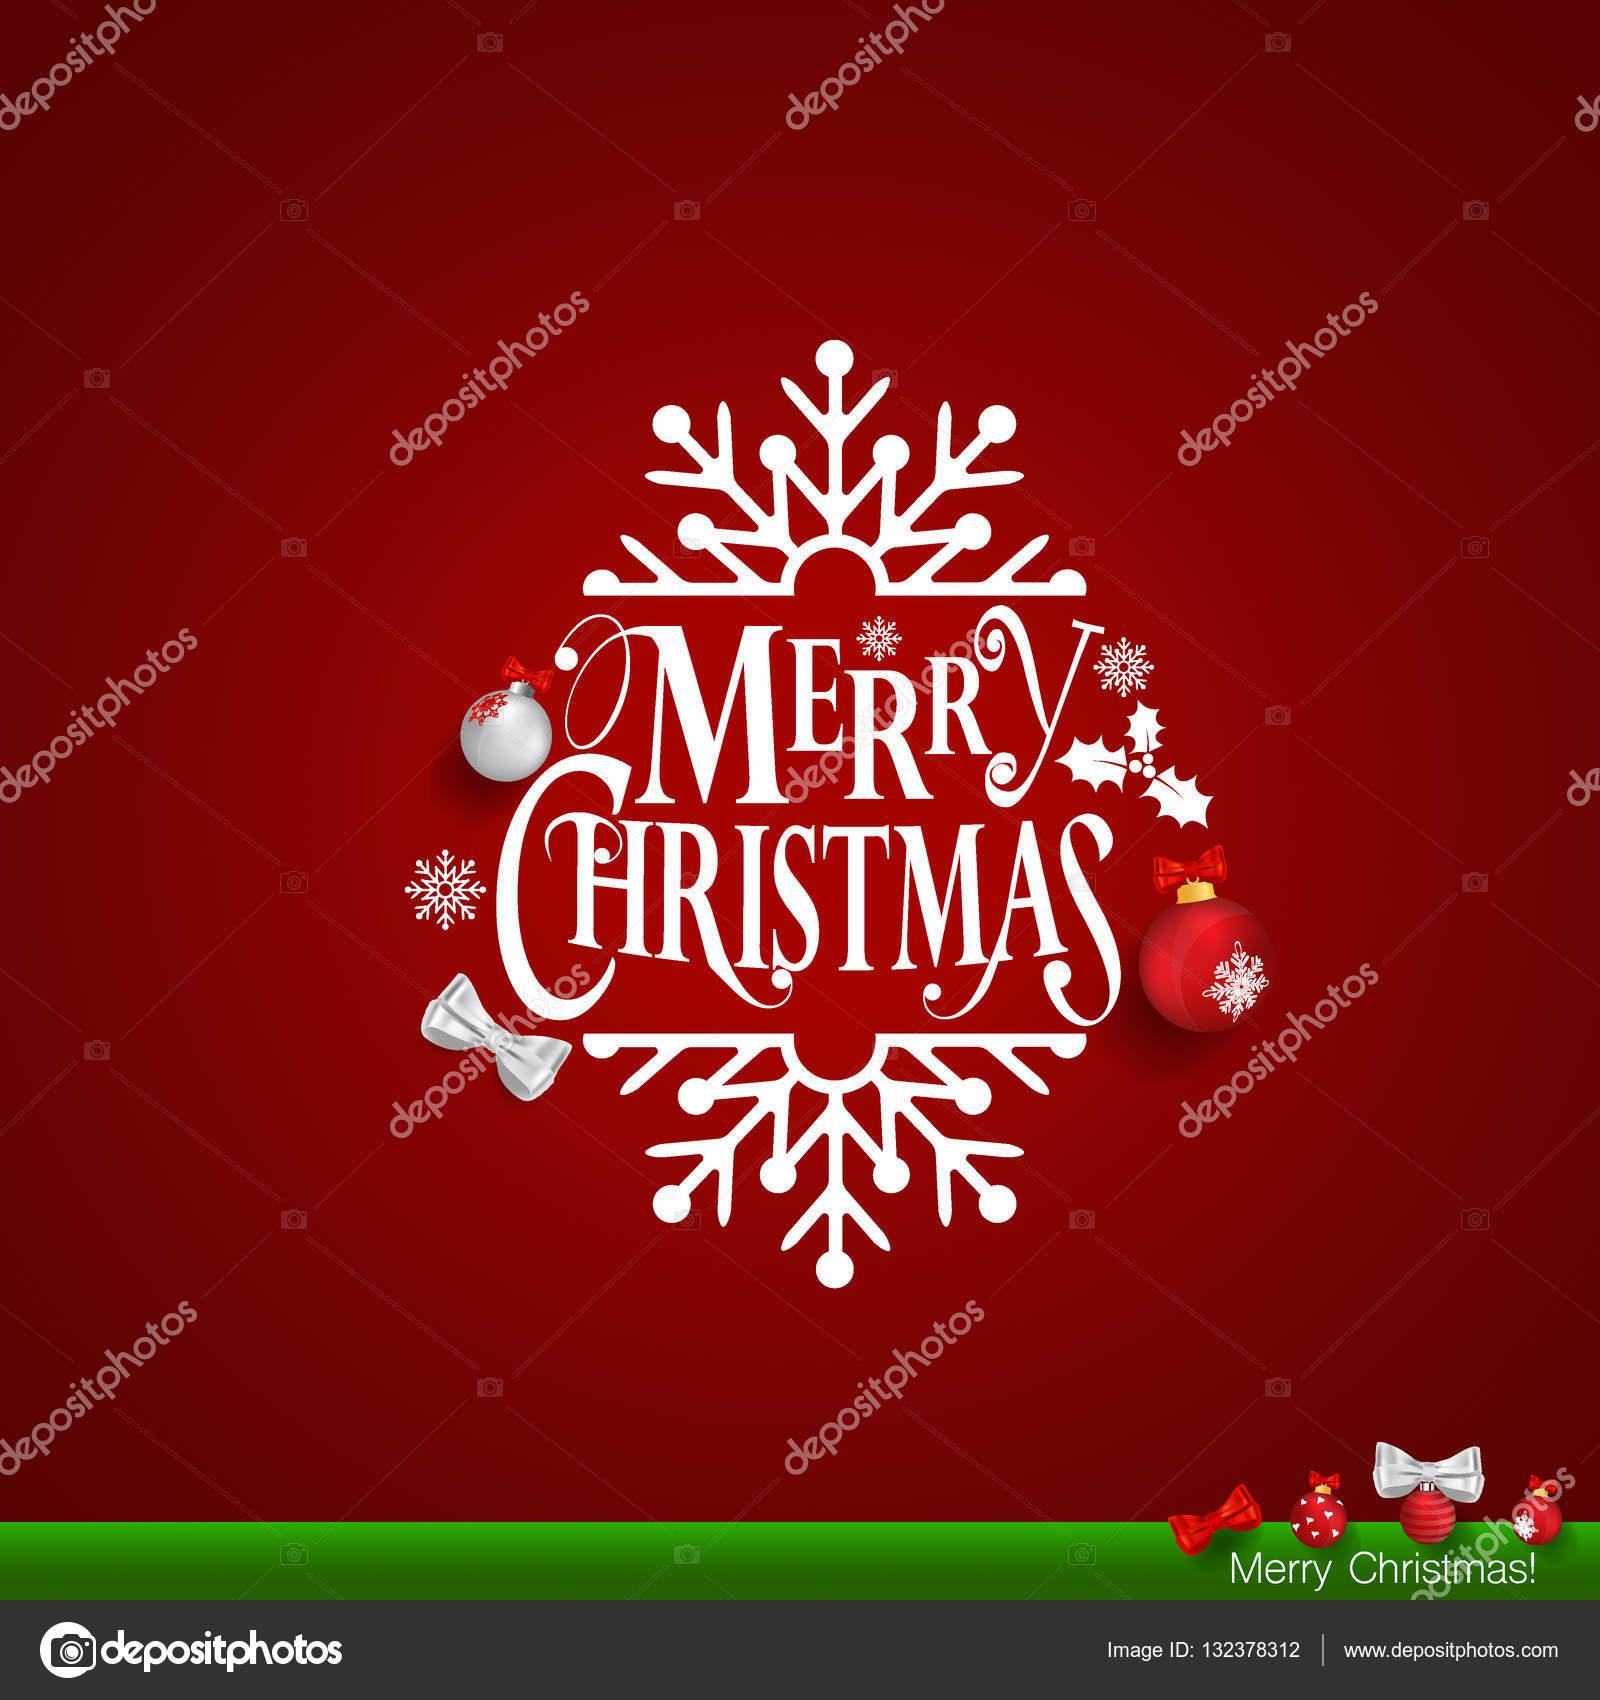 Immagini Natalizie Con Scritte.Illustrazione Con Scritte Di Buon Natale Cartolina D